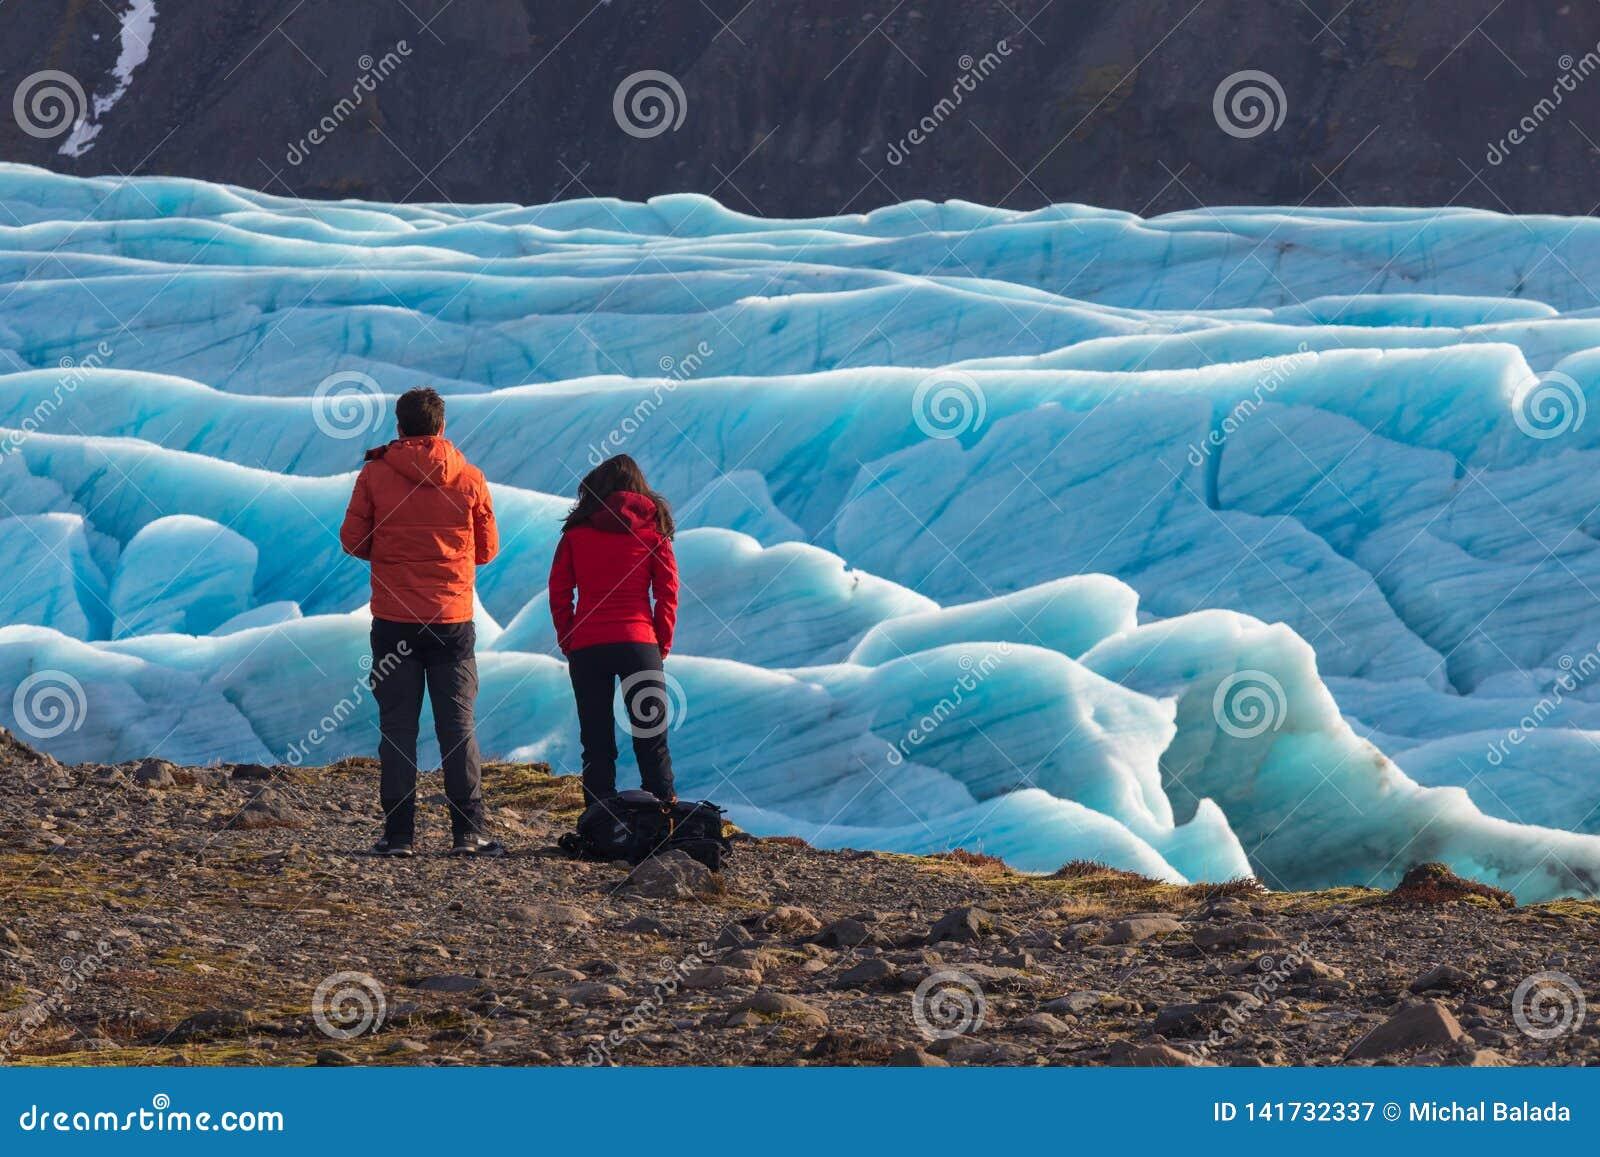 Νεαρός άνδρας και γυναίκα που στέκονται πριν του όμορφου τοπίου βραδιού του εθνικού πάρκου Vatnajokull παγετώνων Skaftafell στην